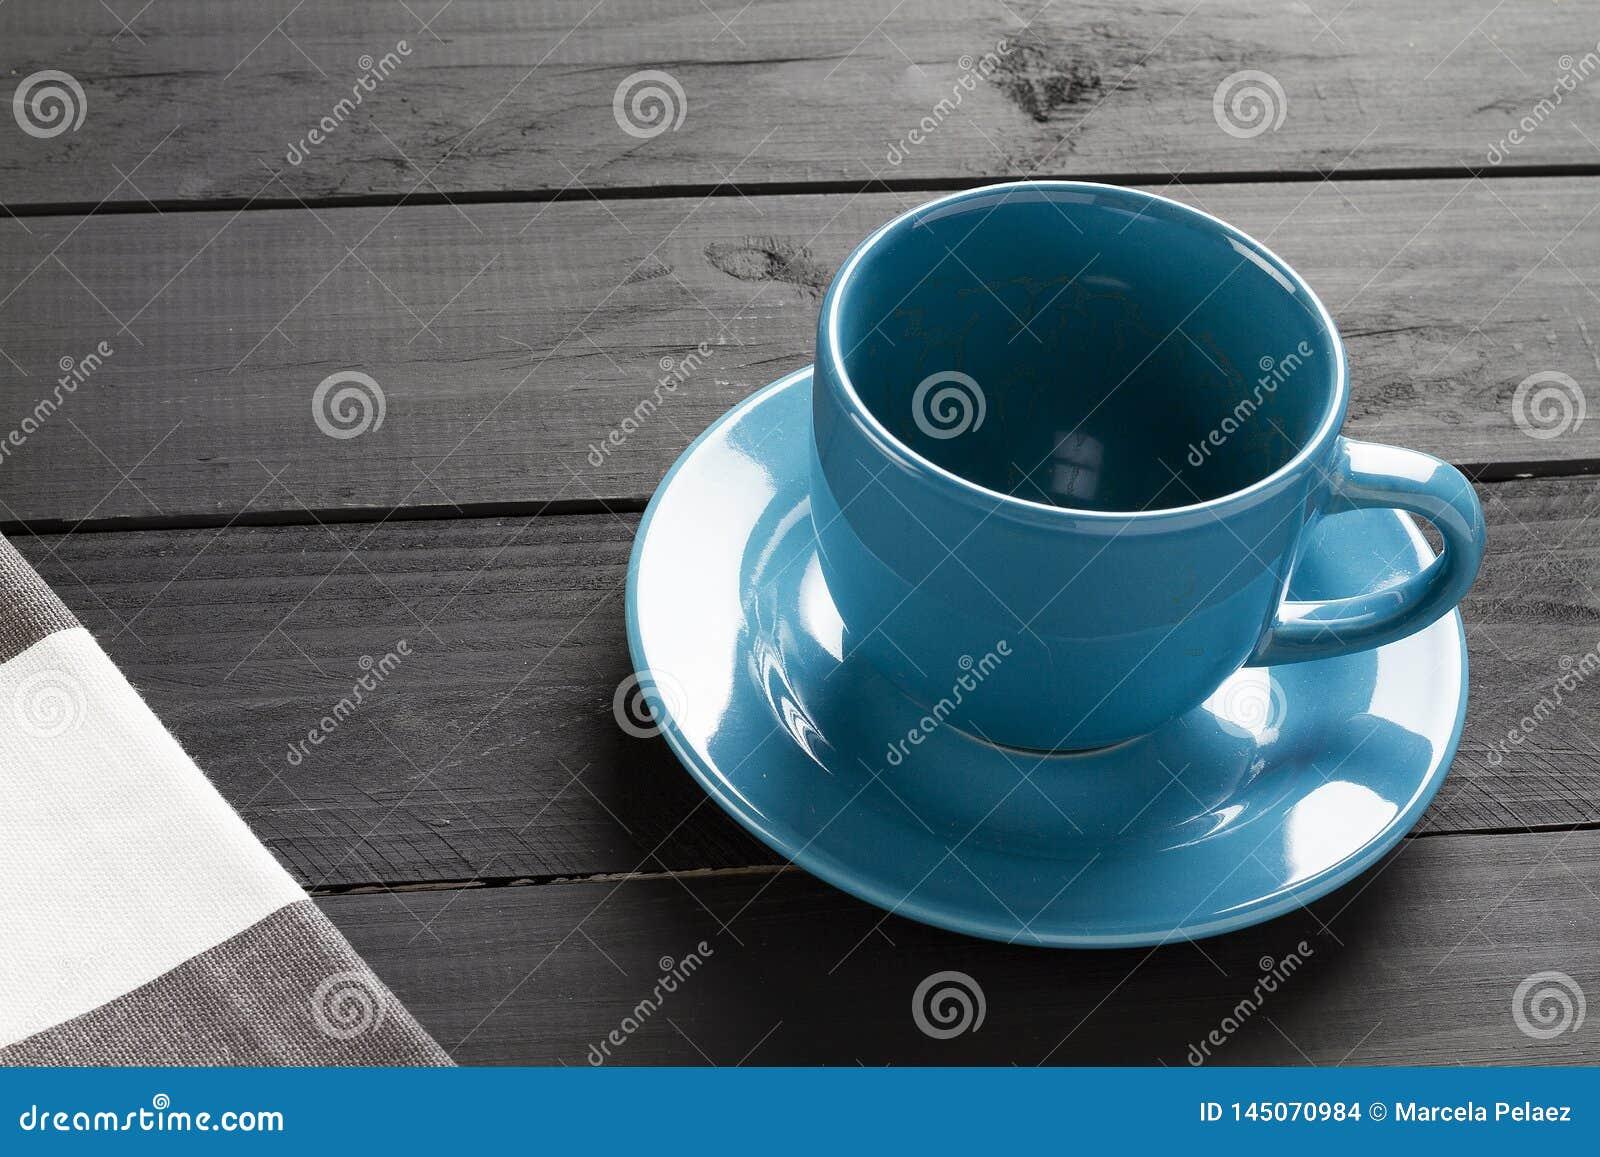 Κεραμικό φλυτζάνι για τον καφέ του μπλε χρώματος χωρίς υγρό στο μαύρο ξύλινο υπόβαθρο και το κουρέλι των γκρίζων και άσπρων λωρίδ